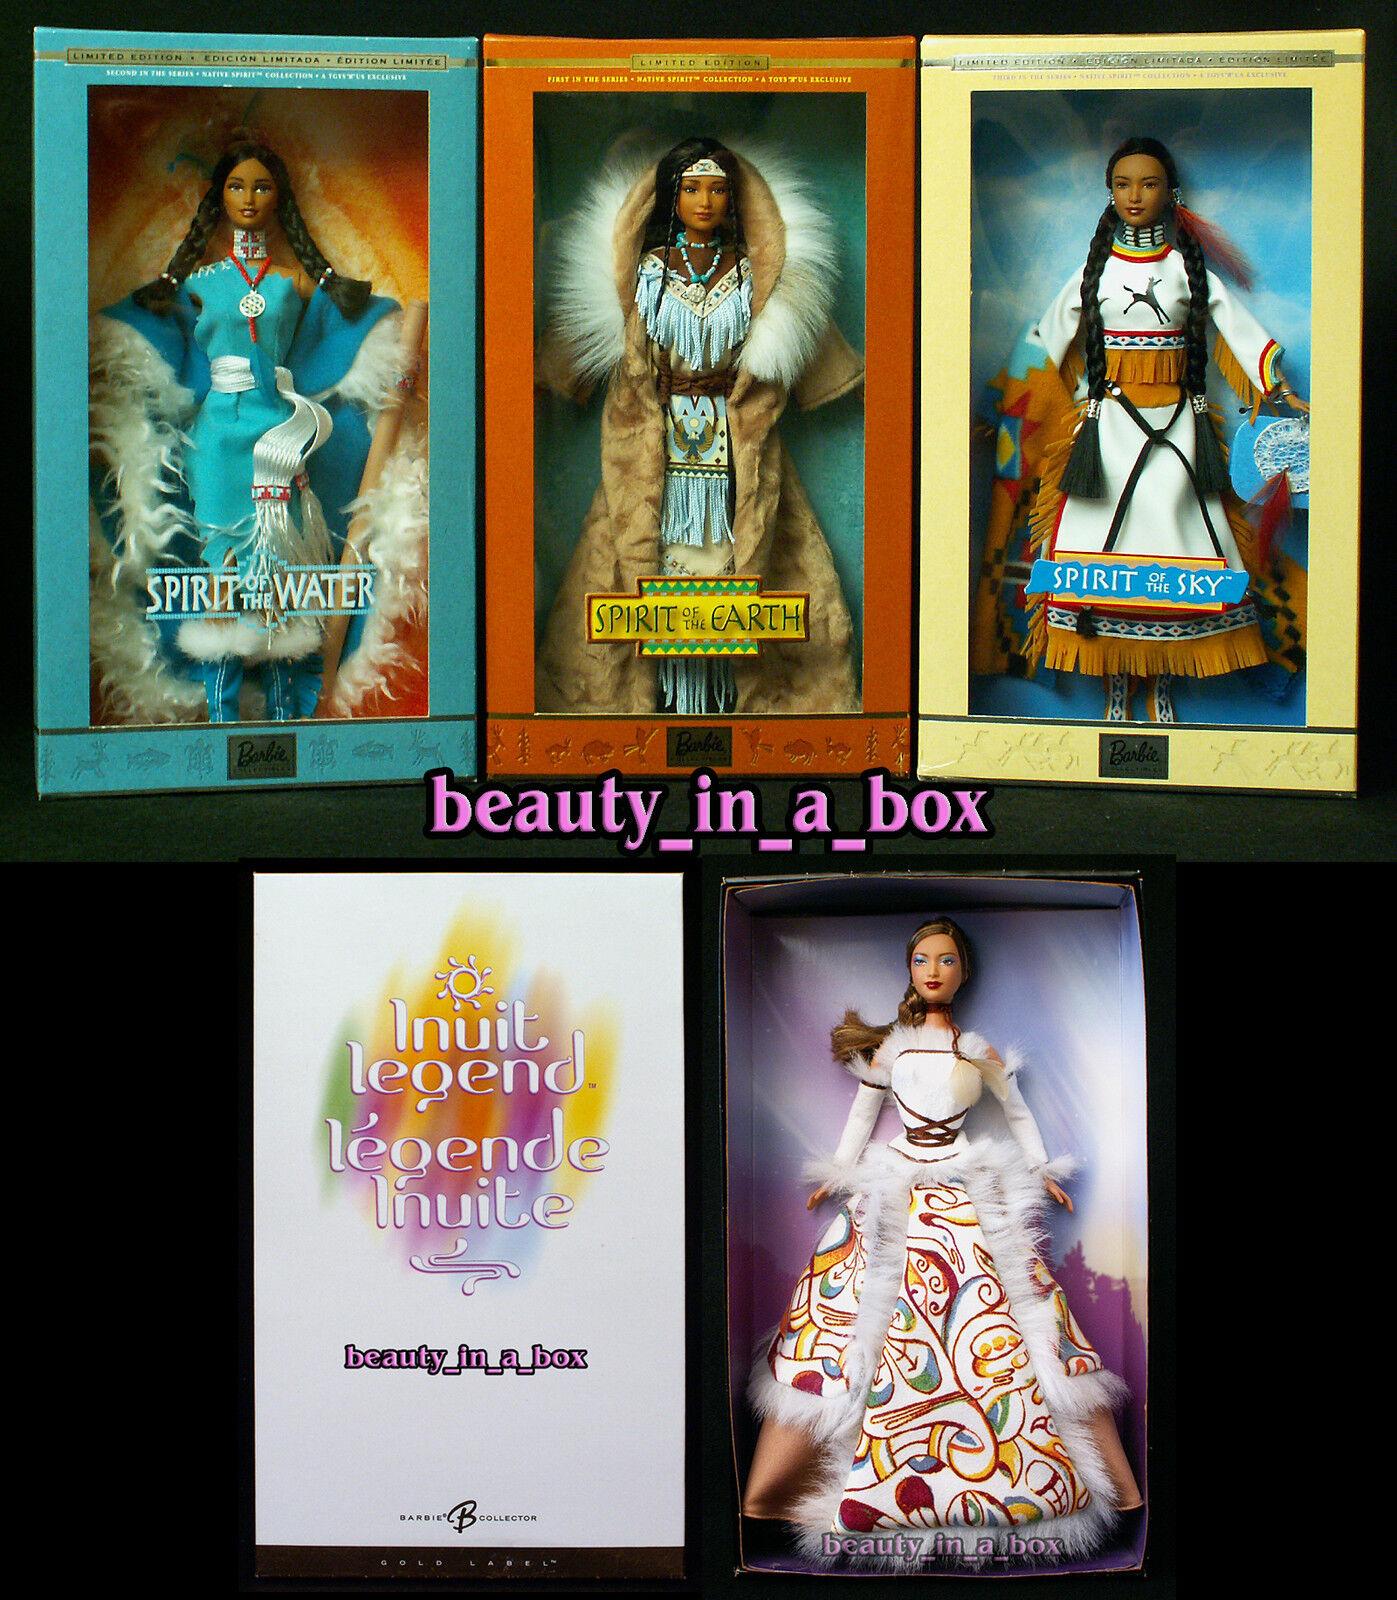 Espíritu de la muñeca Barbie Cielo Tierra Inuit Exc cajas Indio Nativo Americano Lote 4